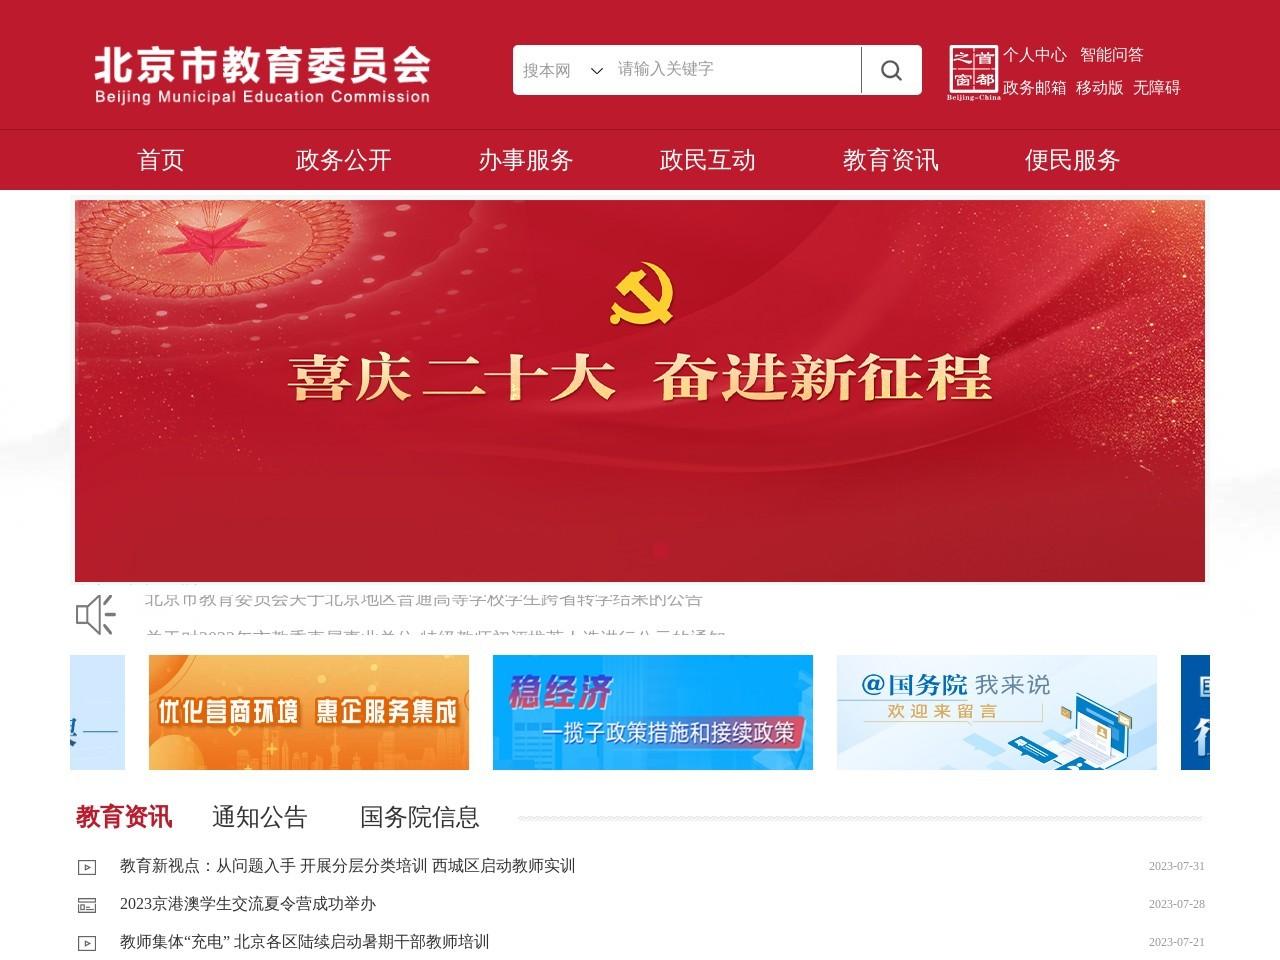 北京市教育委员会门户网站